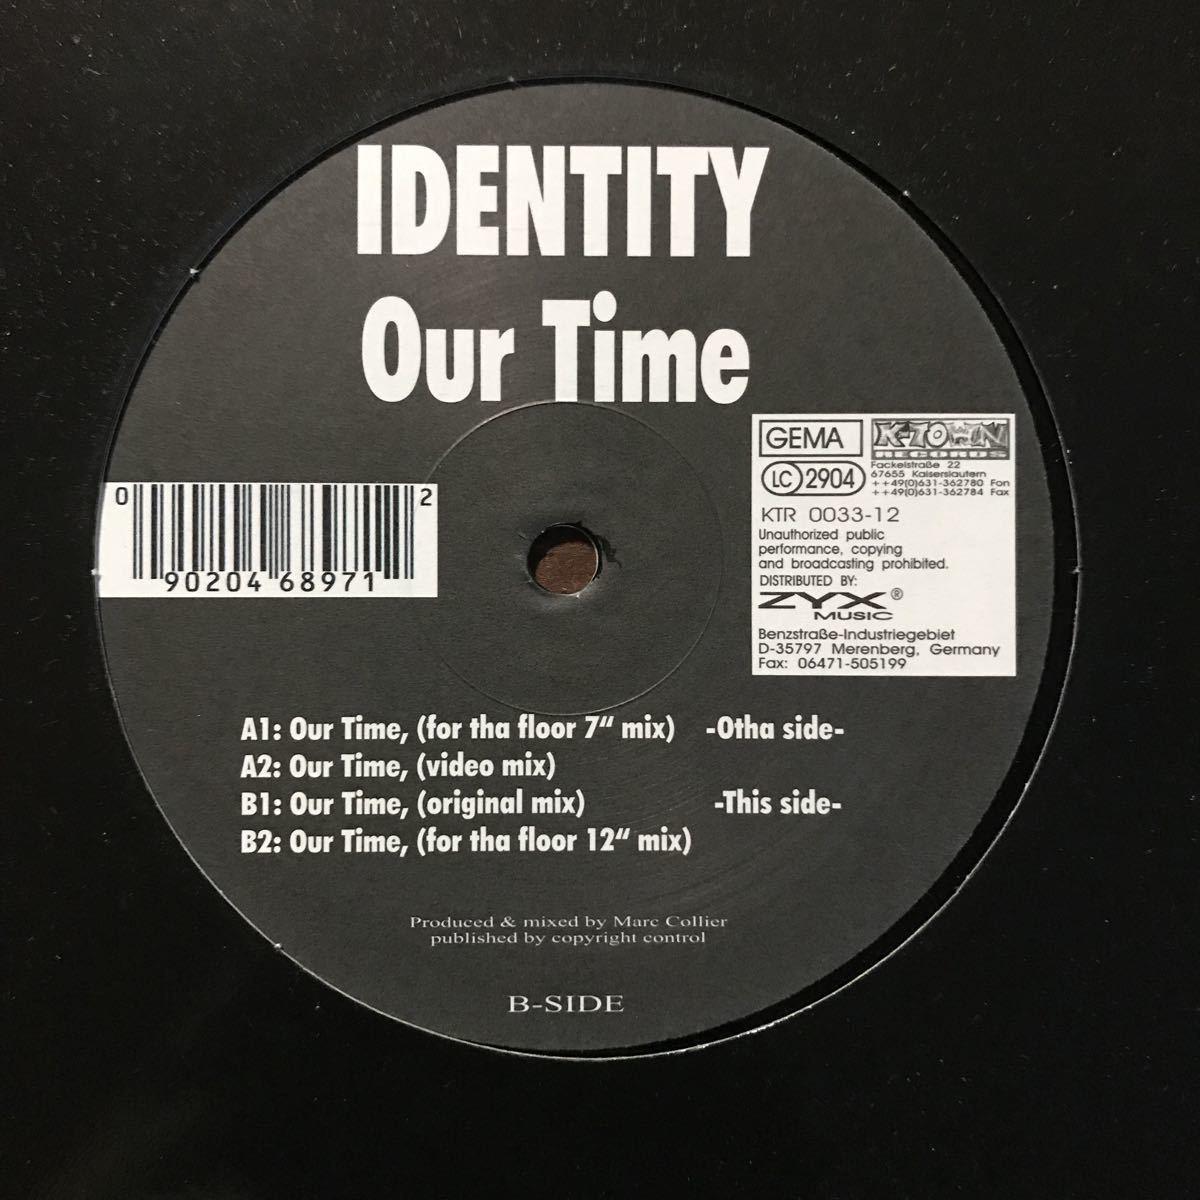 【eu-rap】Identity / Our Time[12inch]オリジナル盤《4-2-10》